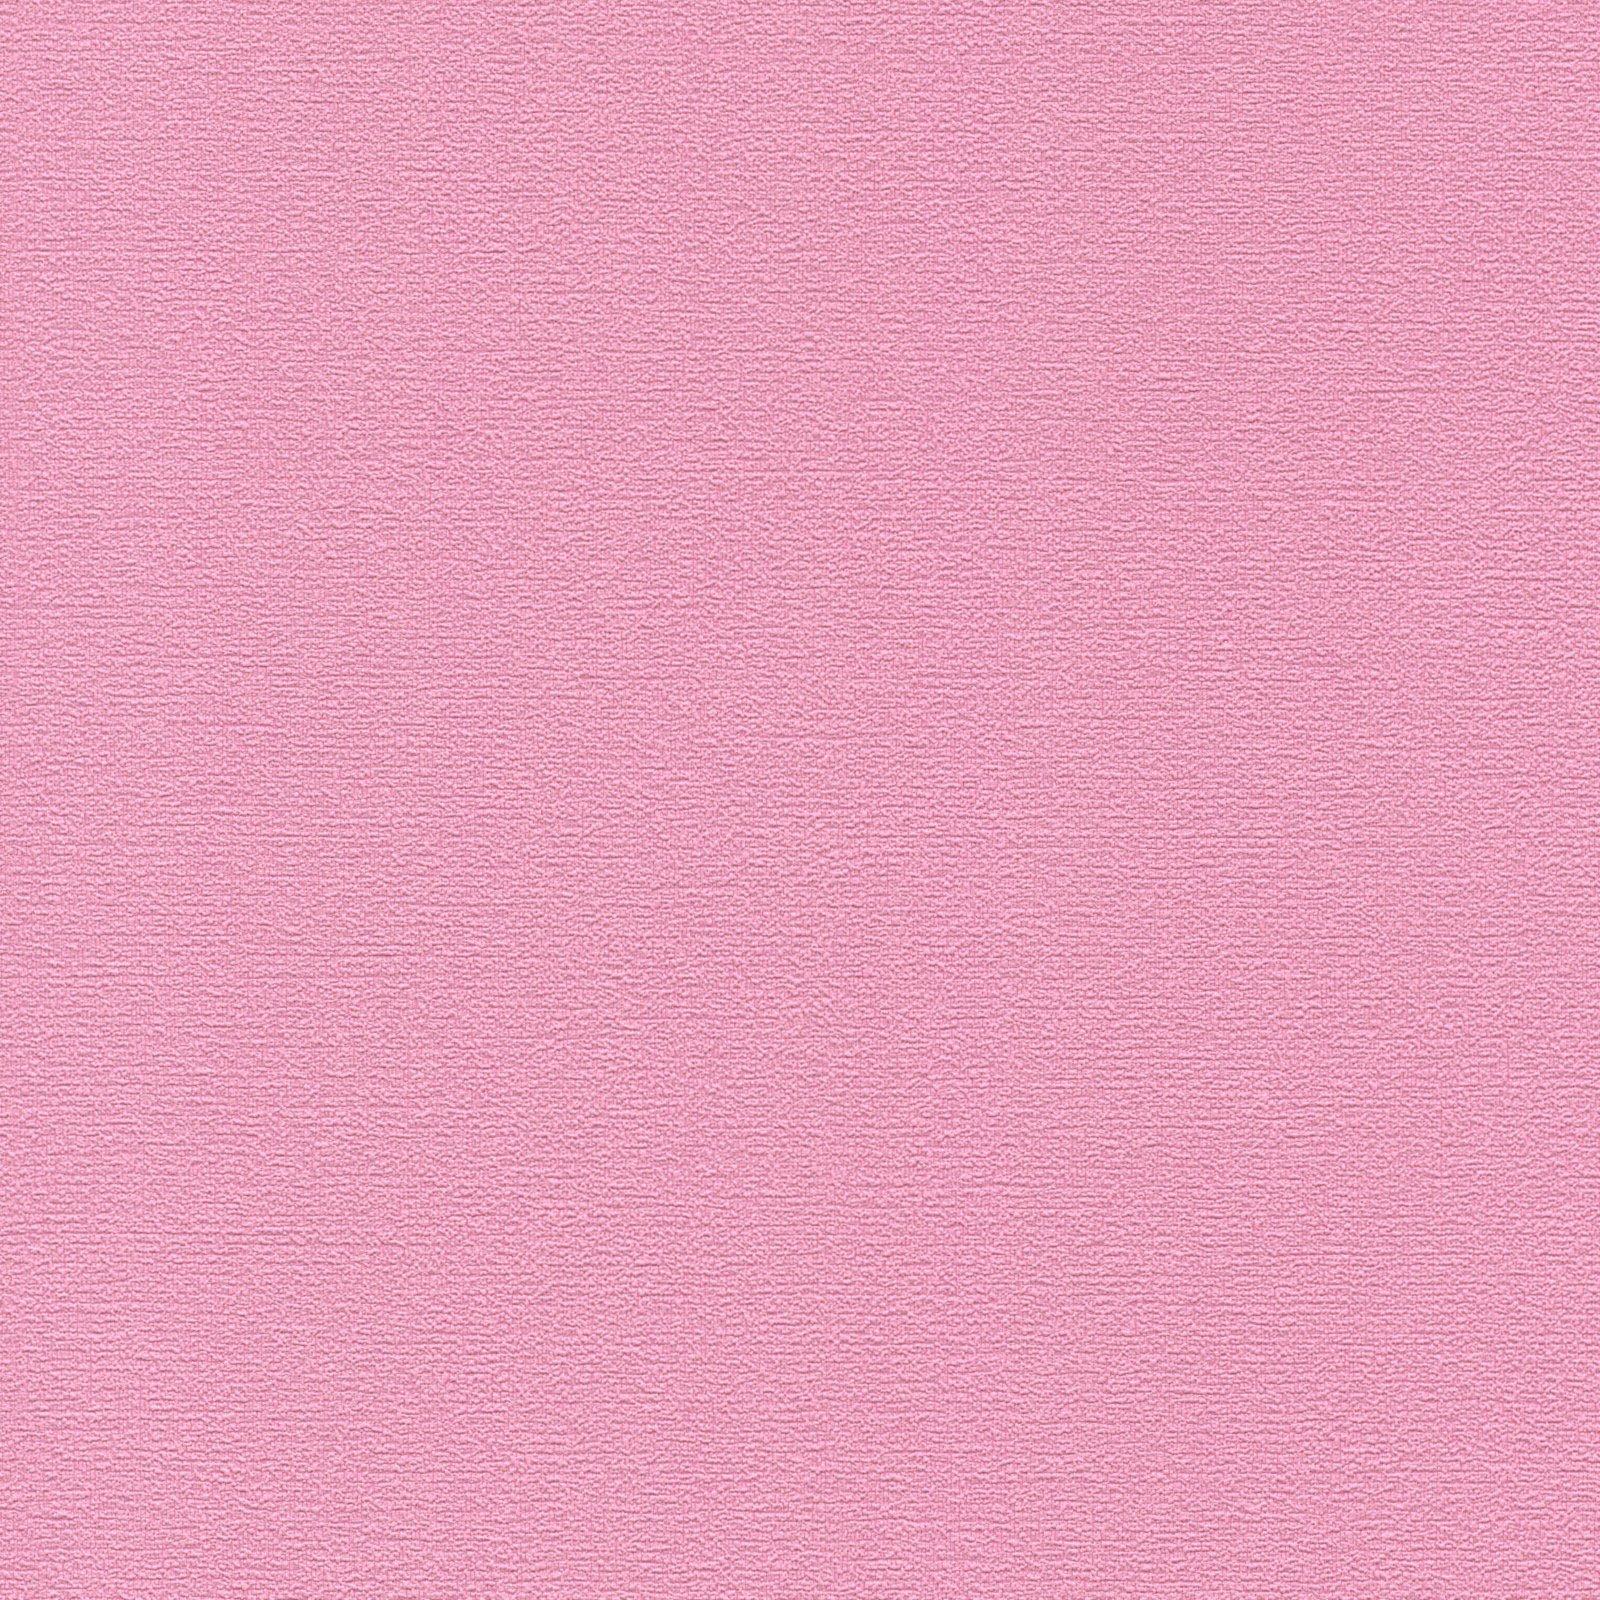 Vliestapete uni pink 10 meter vliestapeten for Tapeten roller